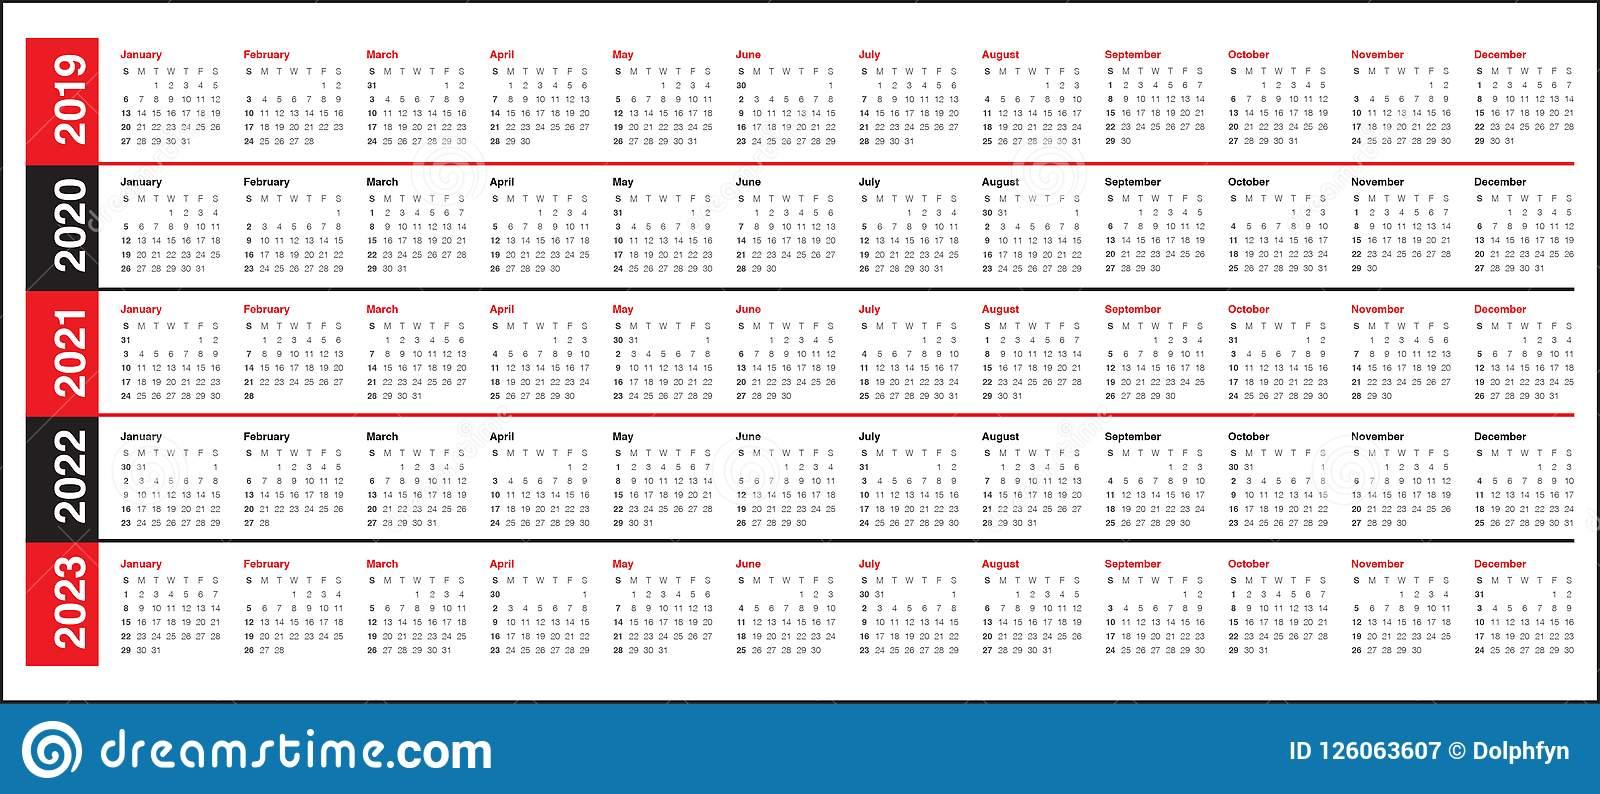 Year 2019 2020 2021 2022 2023 Calendar Vector Design within 4 5 4 Retail Calendar 2022 2023